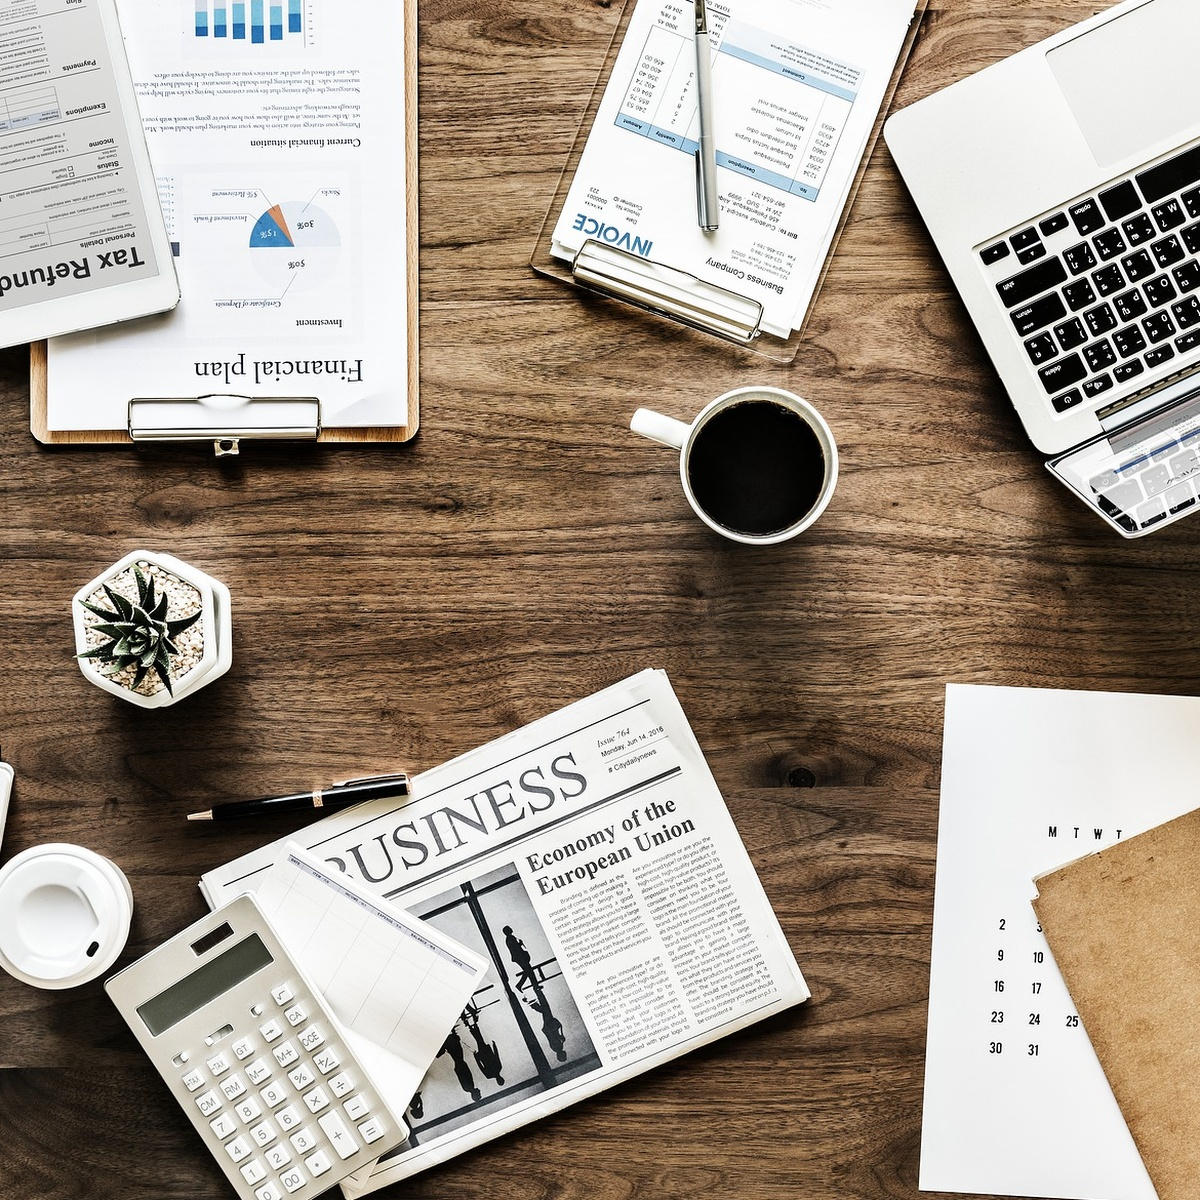 Kunskapsarbete och en föränderlig arbetsmarknad